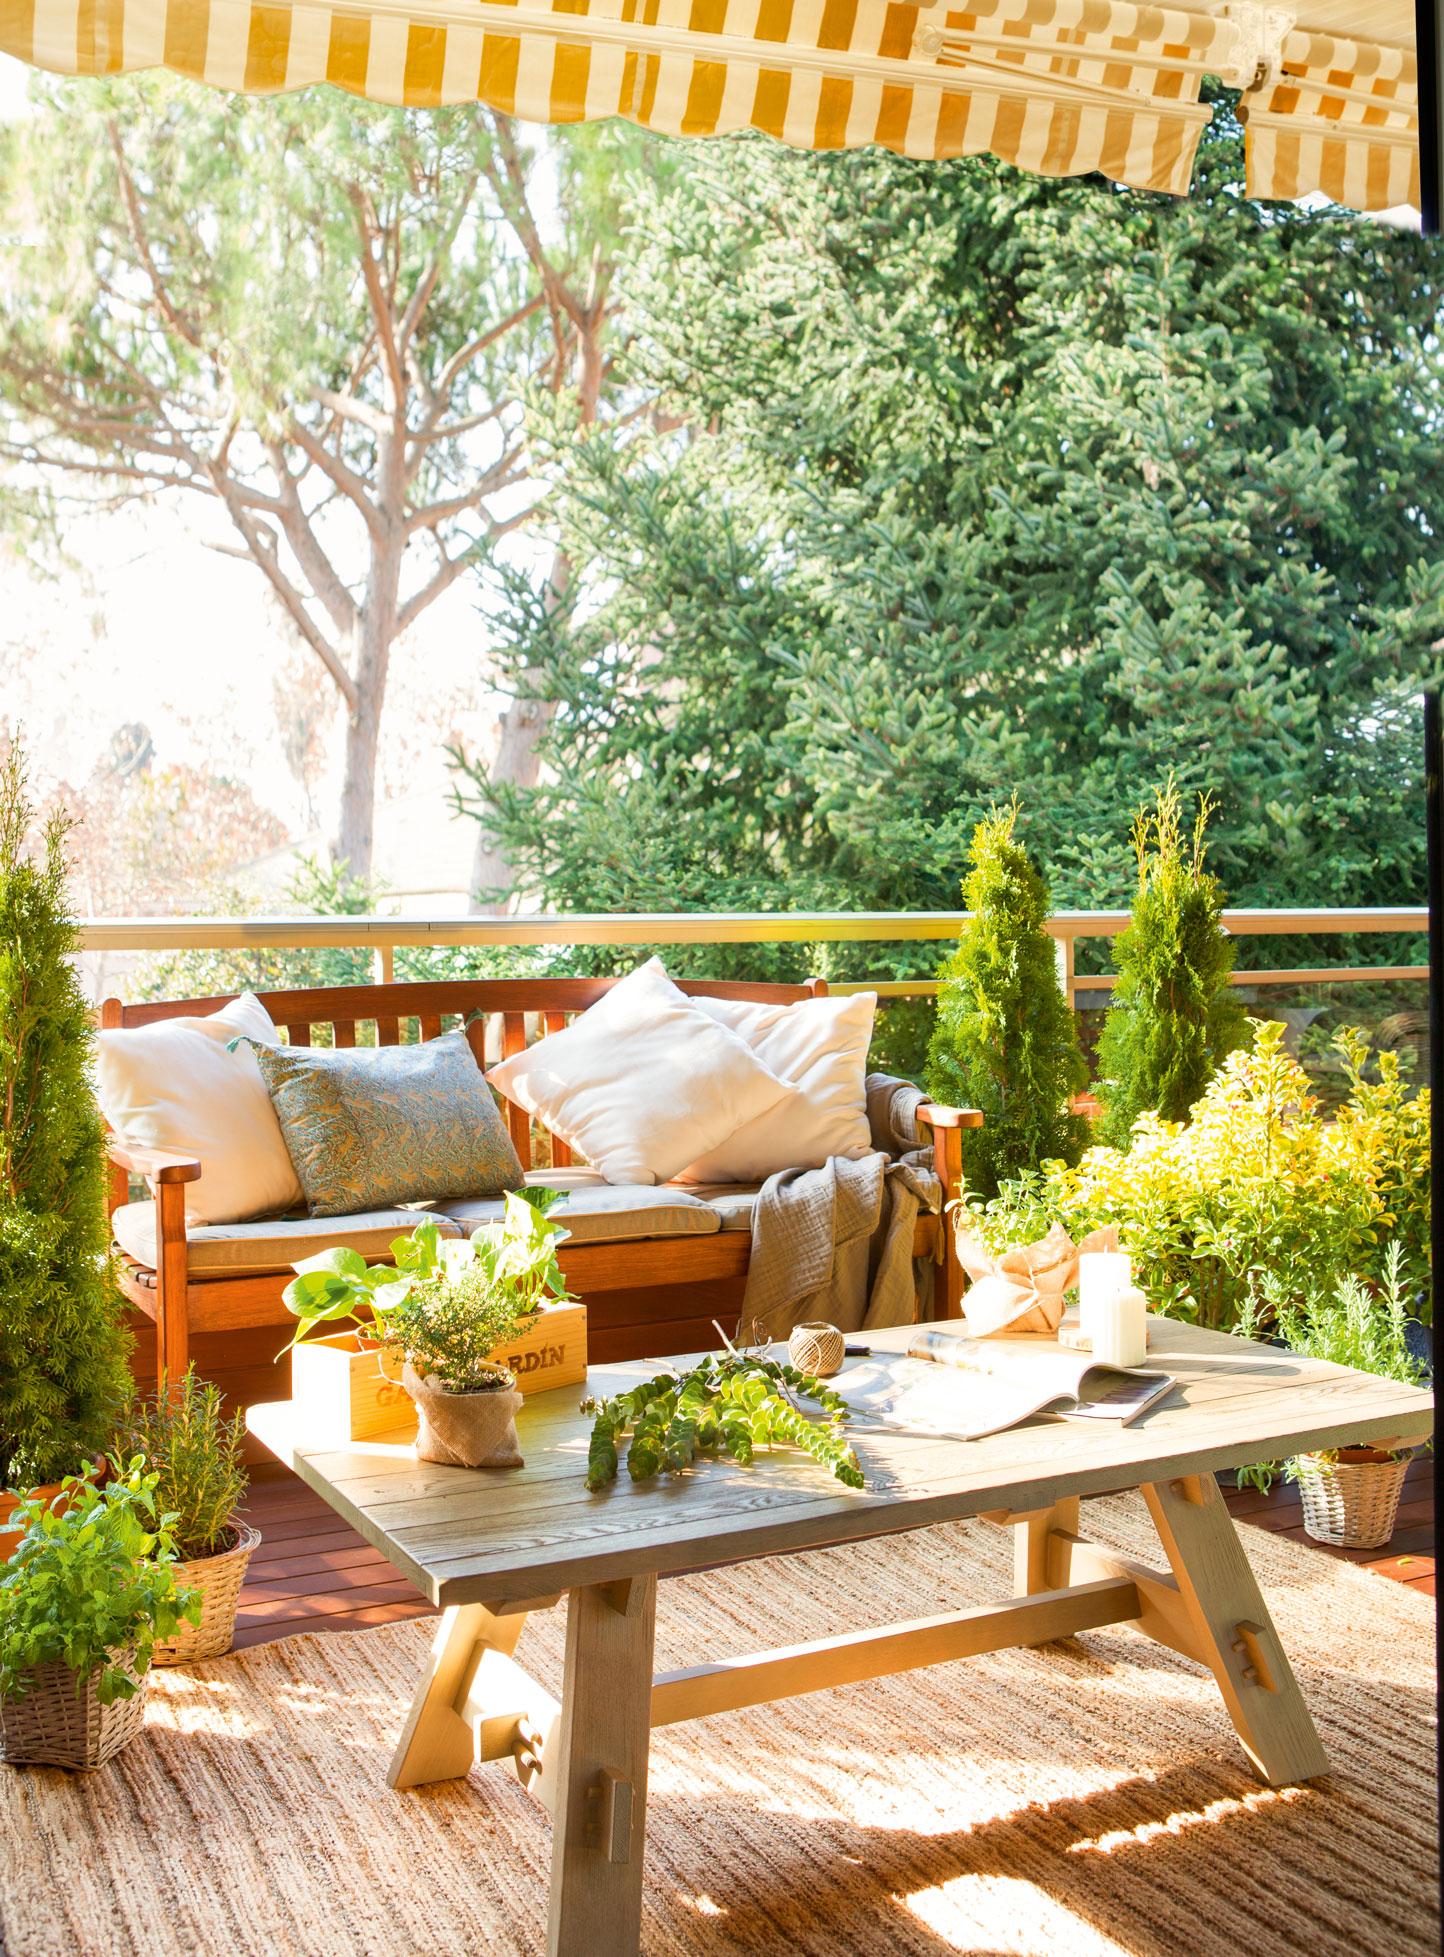 La terraza ideal para cada tipo de persona - Construir una terraza ...